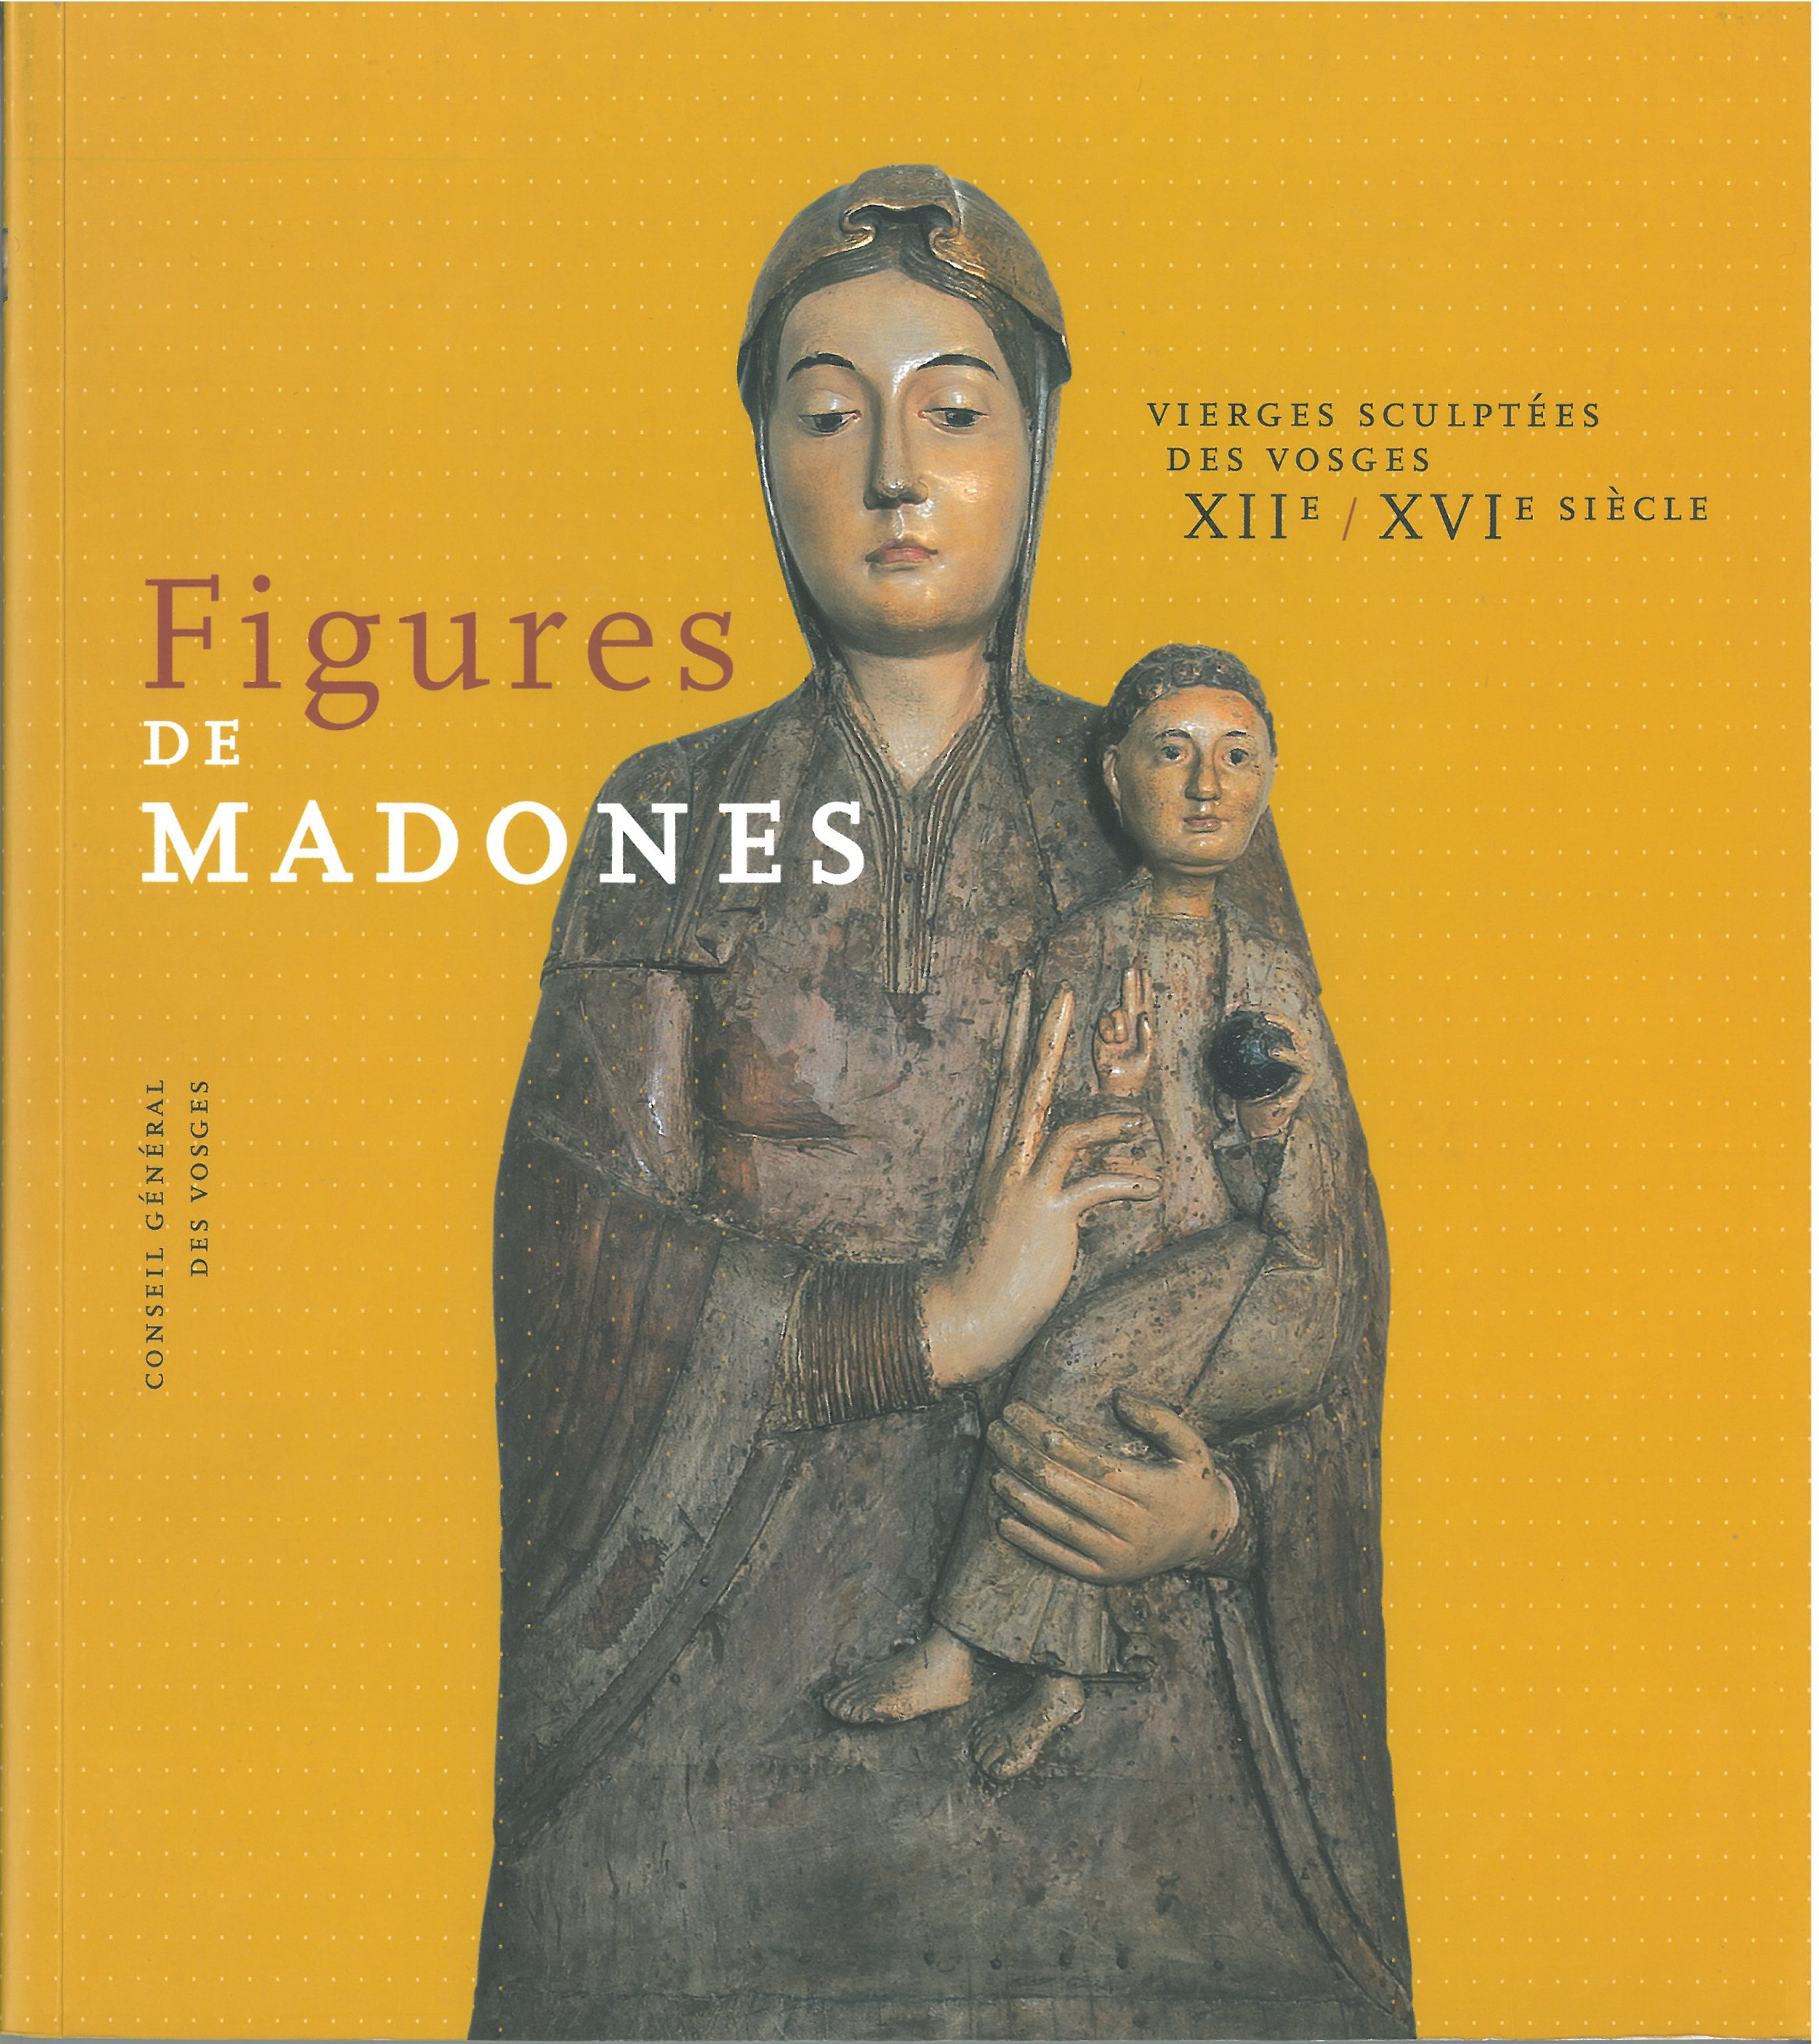 Figures de Madone 2005